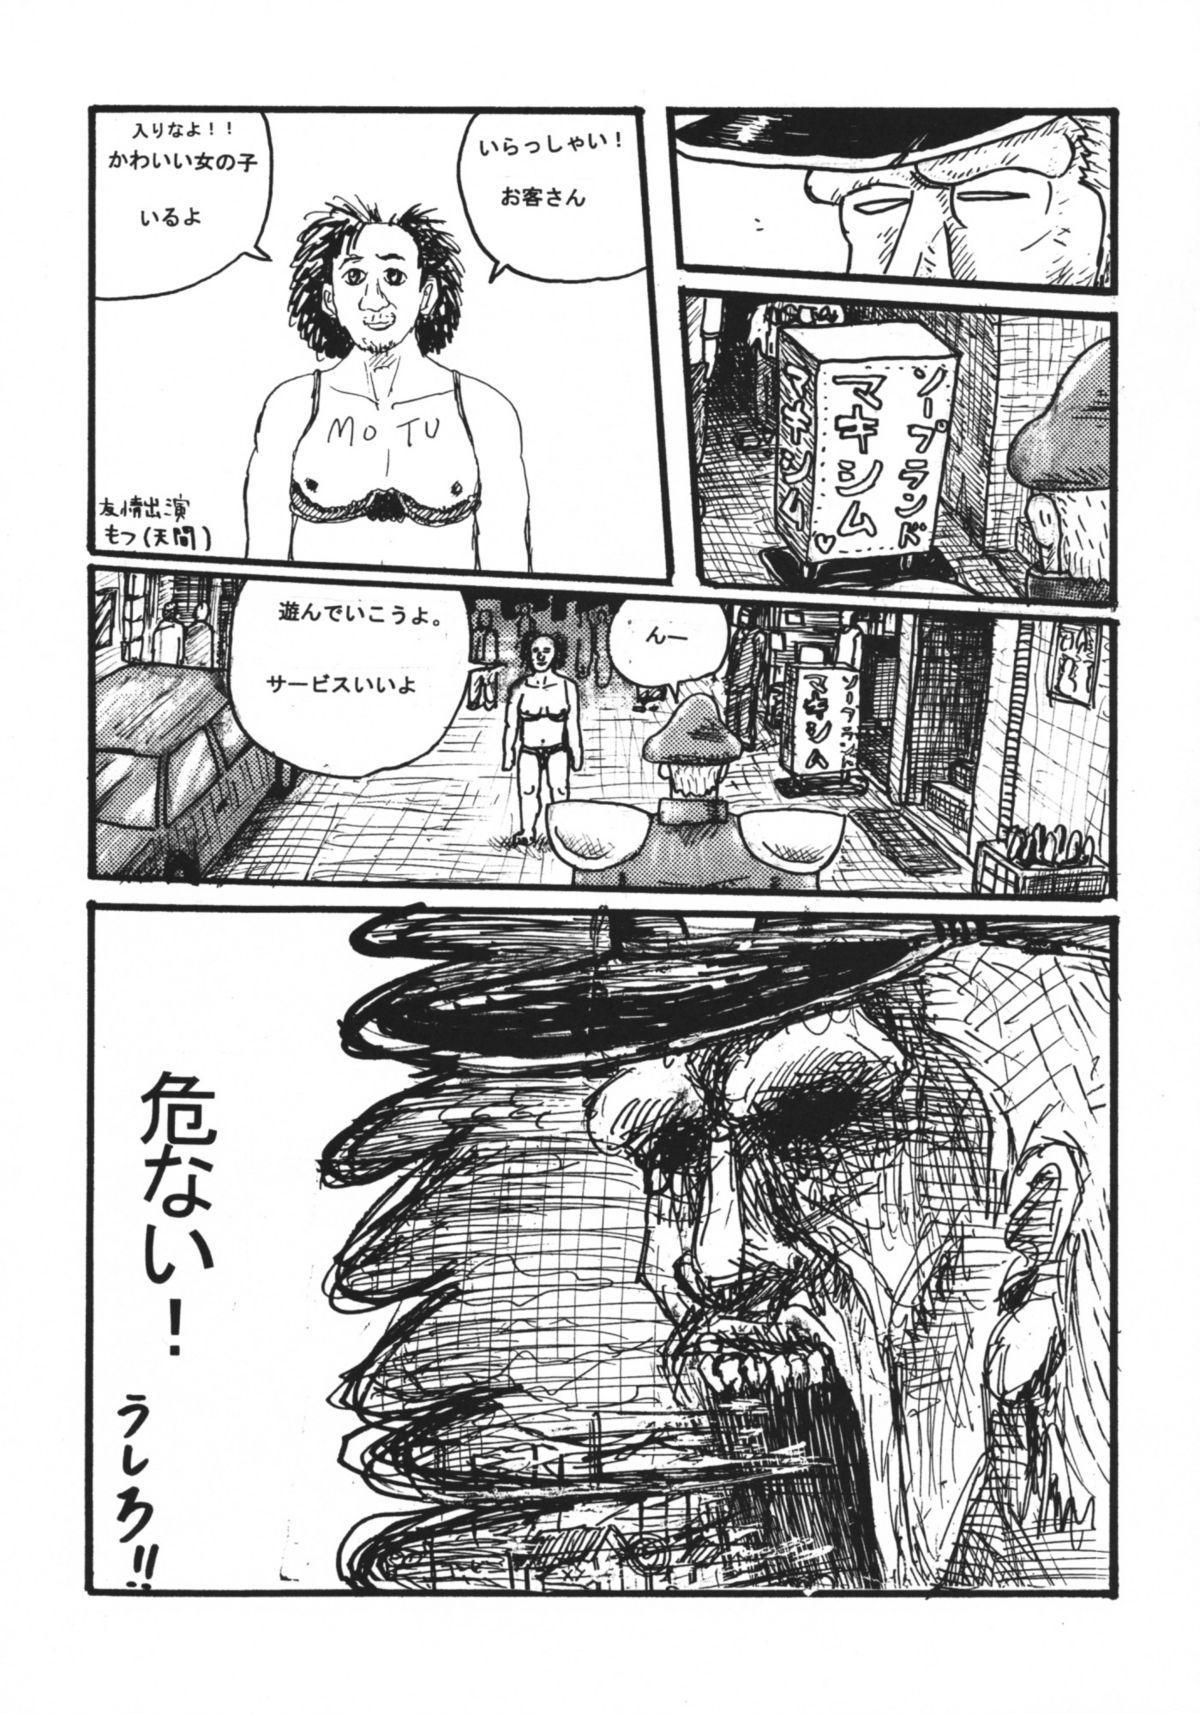 Kaku Musume 11 22